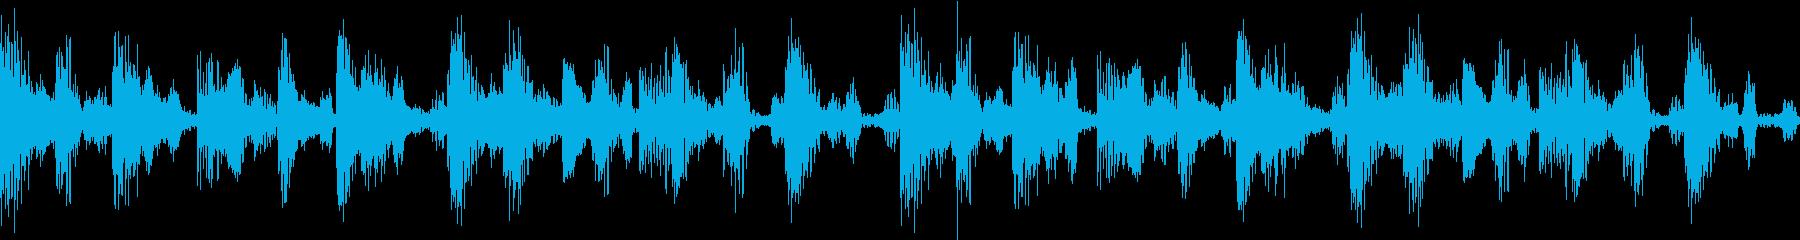 エレピのリフが印象的なアシッドジャズの再生済みの波形